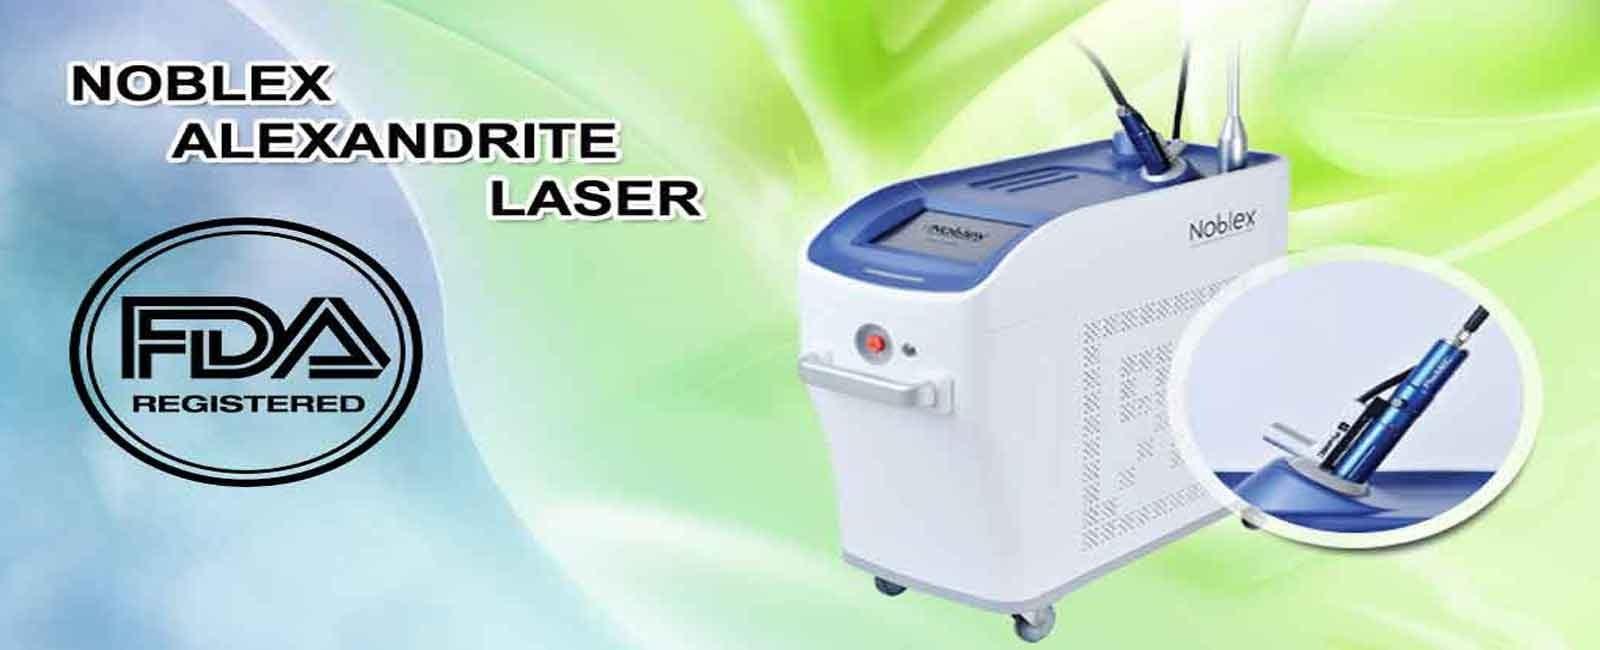 خرید و فروش دستگاه لیزر الکساندرایت Alexandrite Laser Noblex